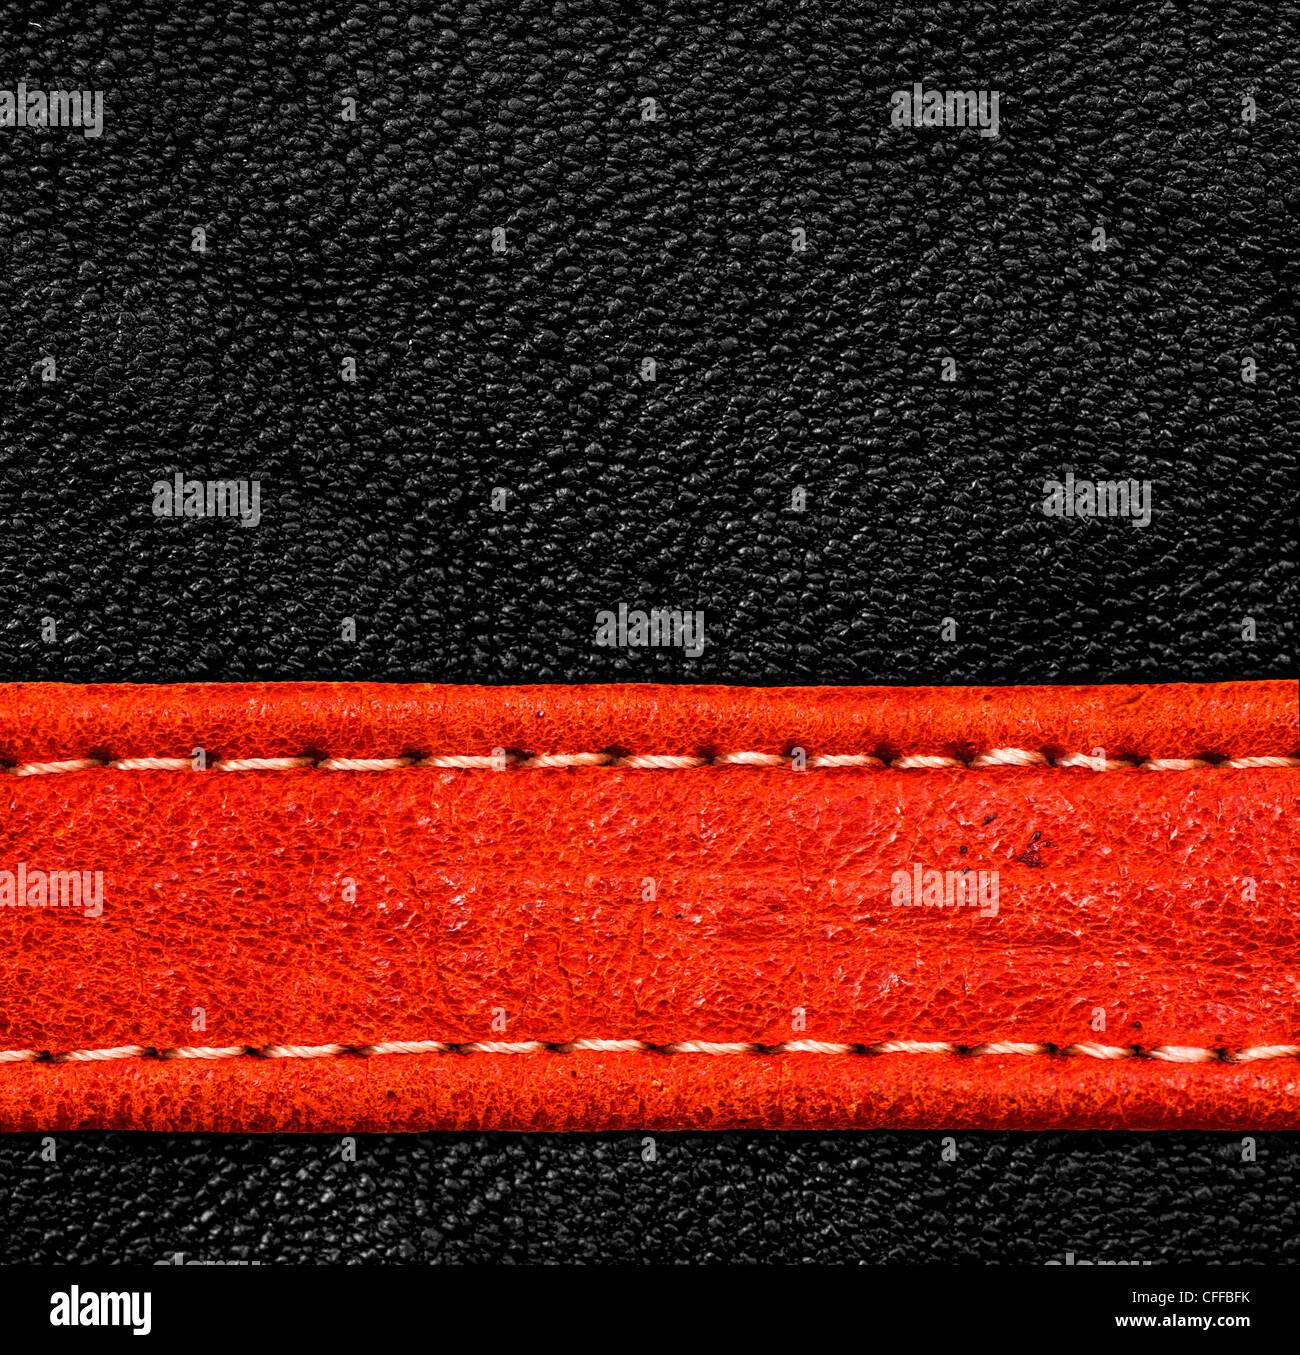 Eine braune Leder-Textur. hohe Auflösung. Stockfoto